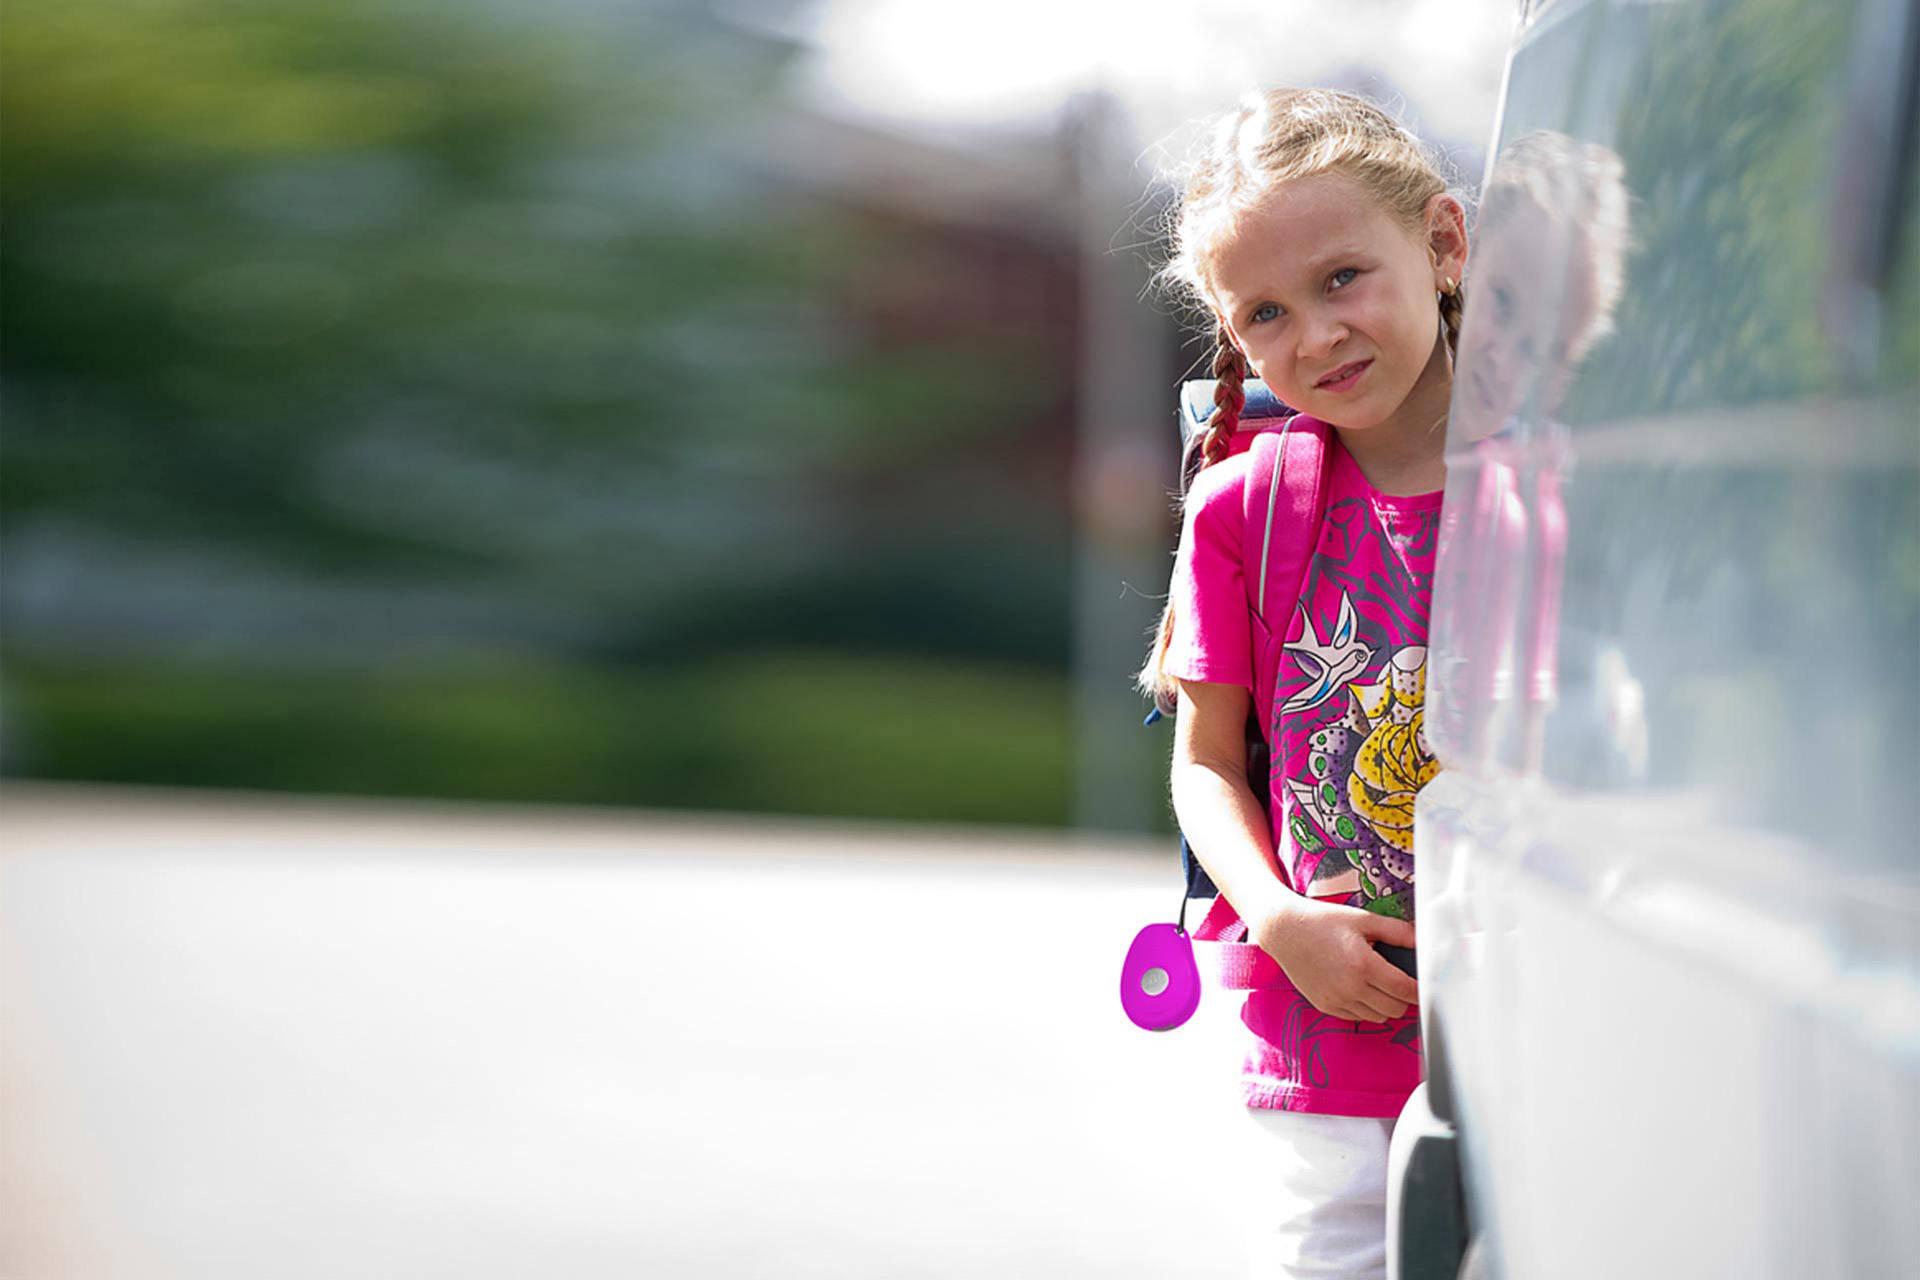 Mädchen - ASB Hausnotruf - Notrufsystem für zu Hause und mobiler Notruf